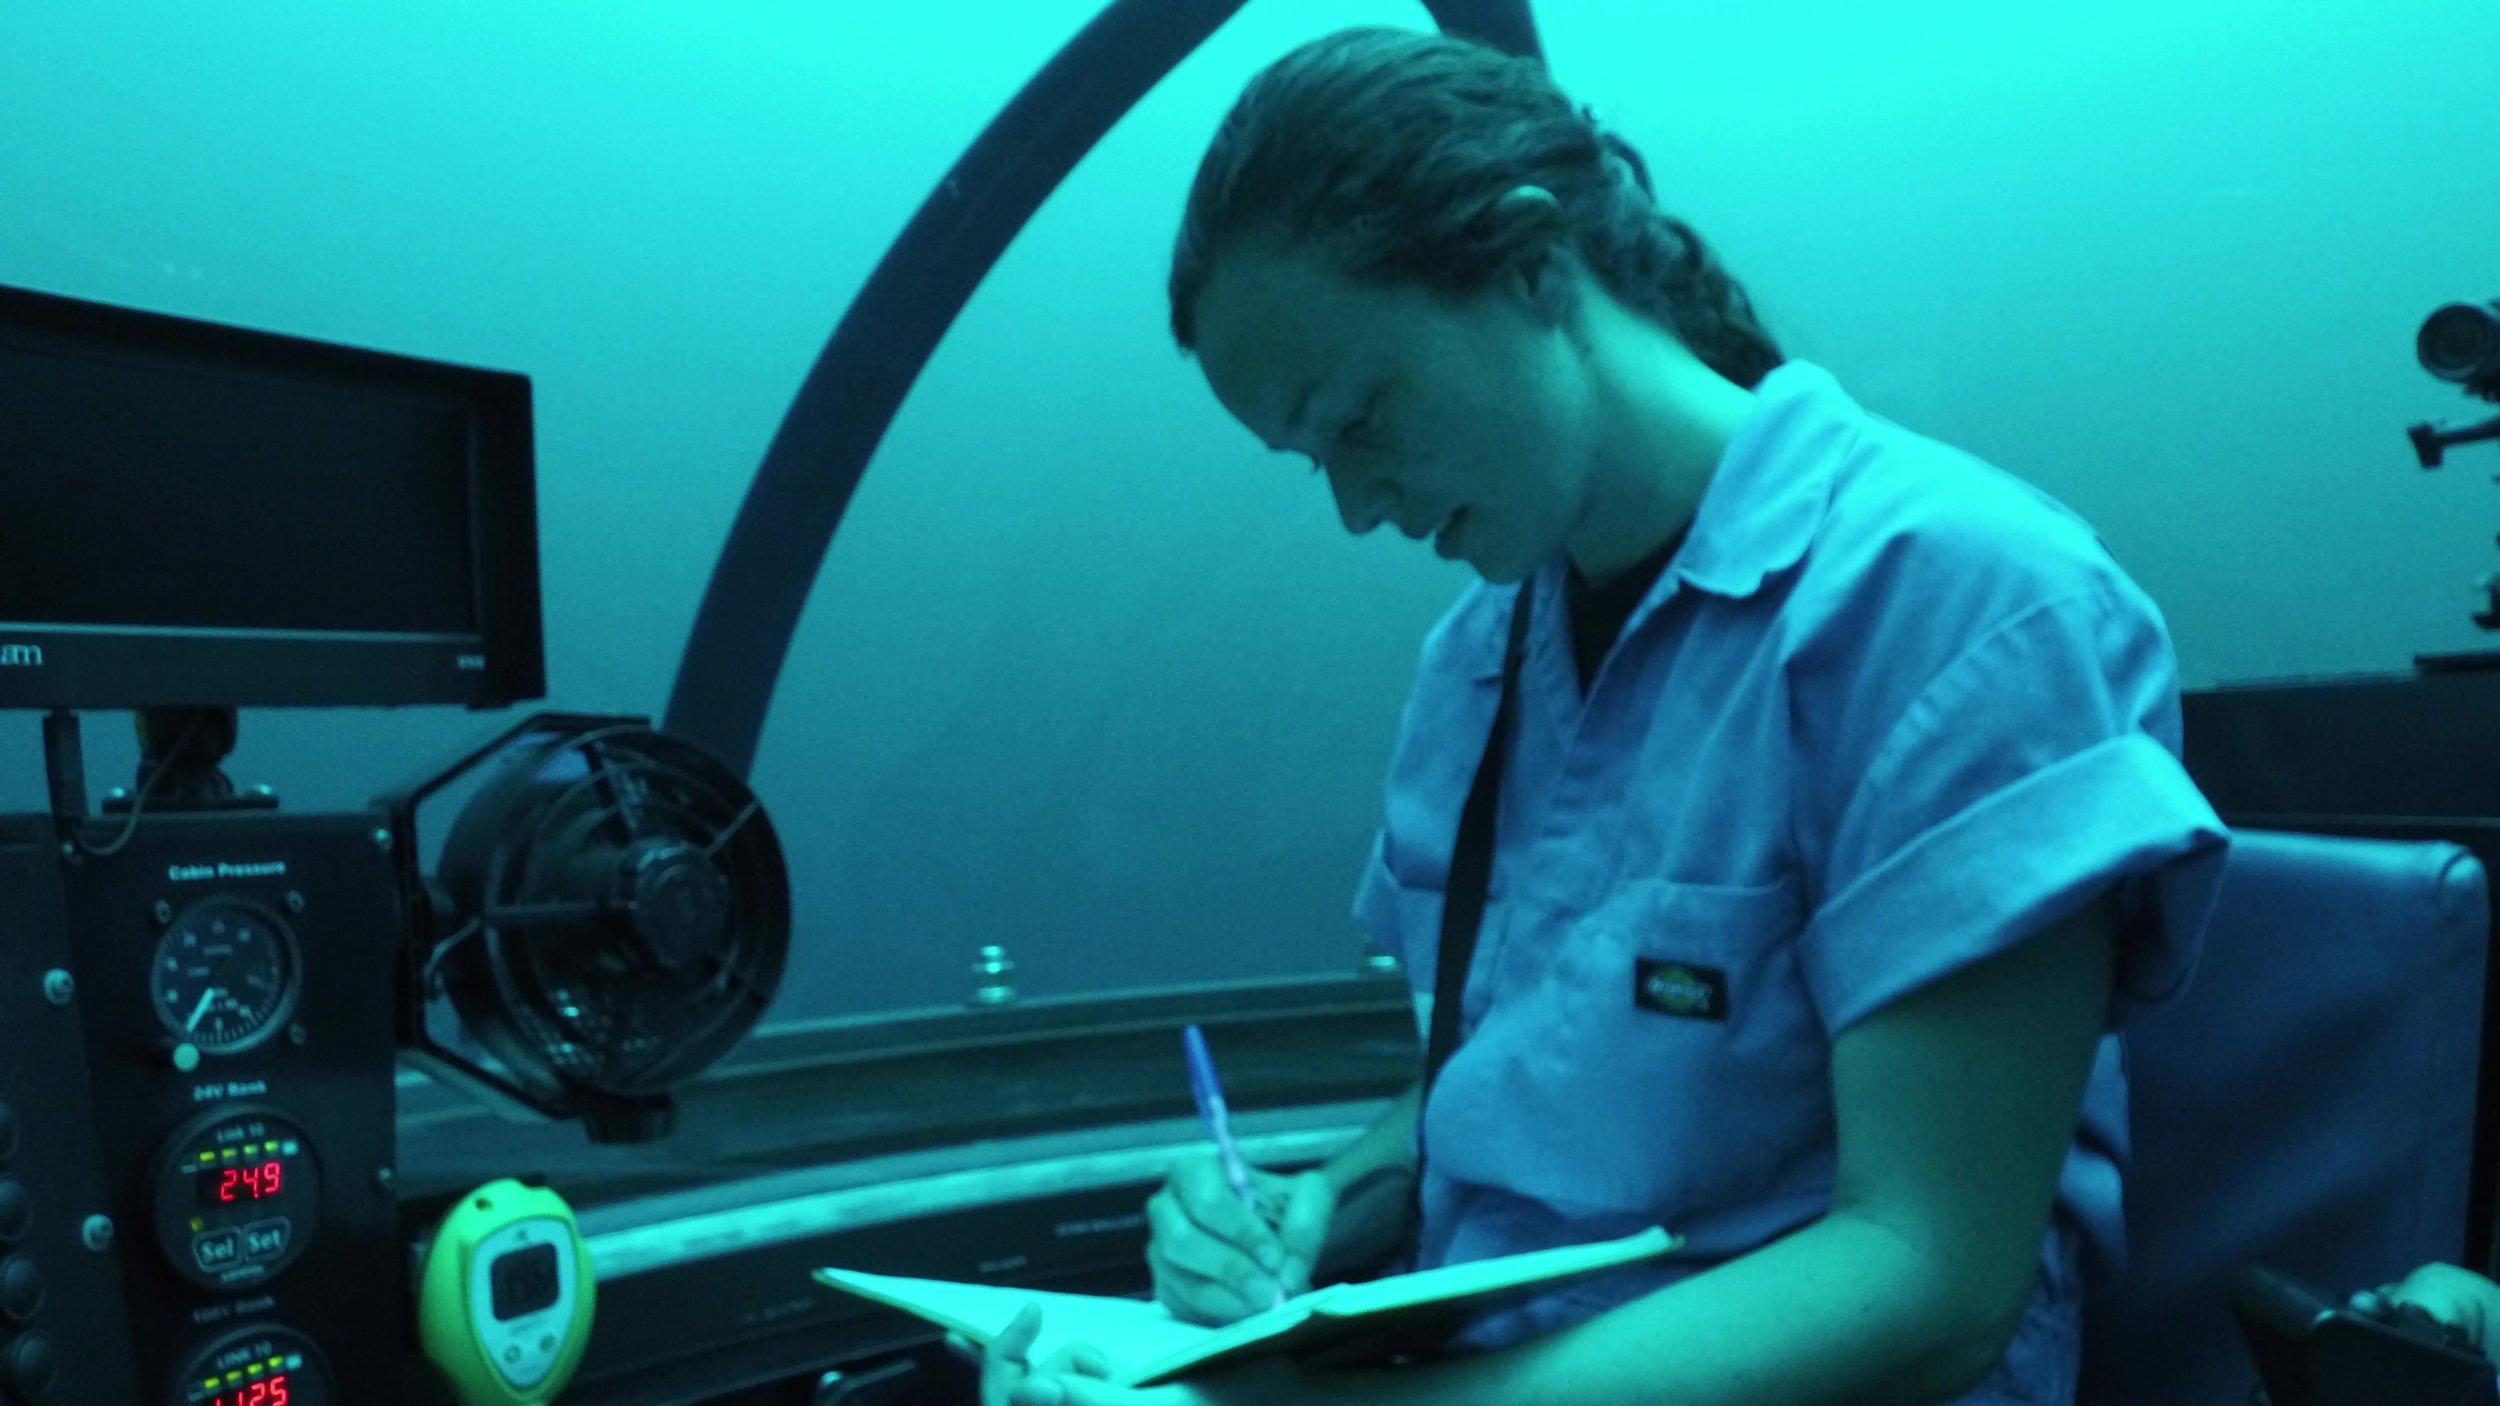 BEATRIZ NARANJO   COMUNICACIÓN CIENTÍFICA   Beatriz es bióloga acuática, dedica su vida a comprender mejor diversos ecosistemas marinos y dulceacuícolas a través de la investigación. Su pasión por el agua la llevó a interesarse en documentar la vida subacuática. A través de PELAGOS, y considerando que la ciencia y el arte son mejores cuando van de la mano, busca dar a conocer la importancia de nuestros lagos, ríos y mares.